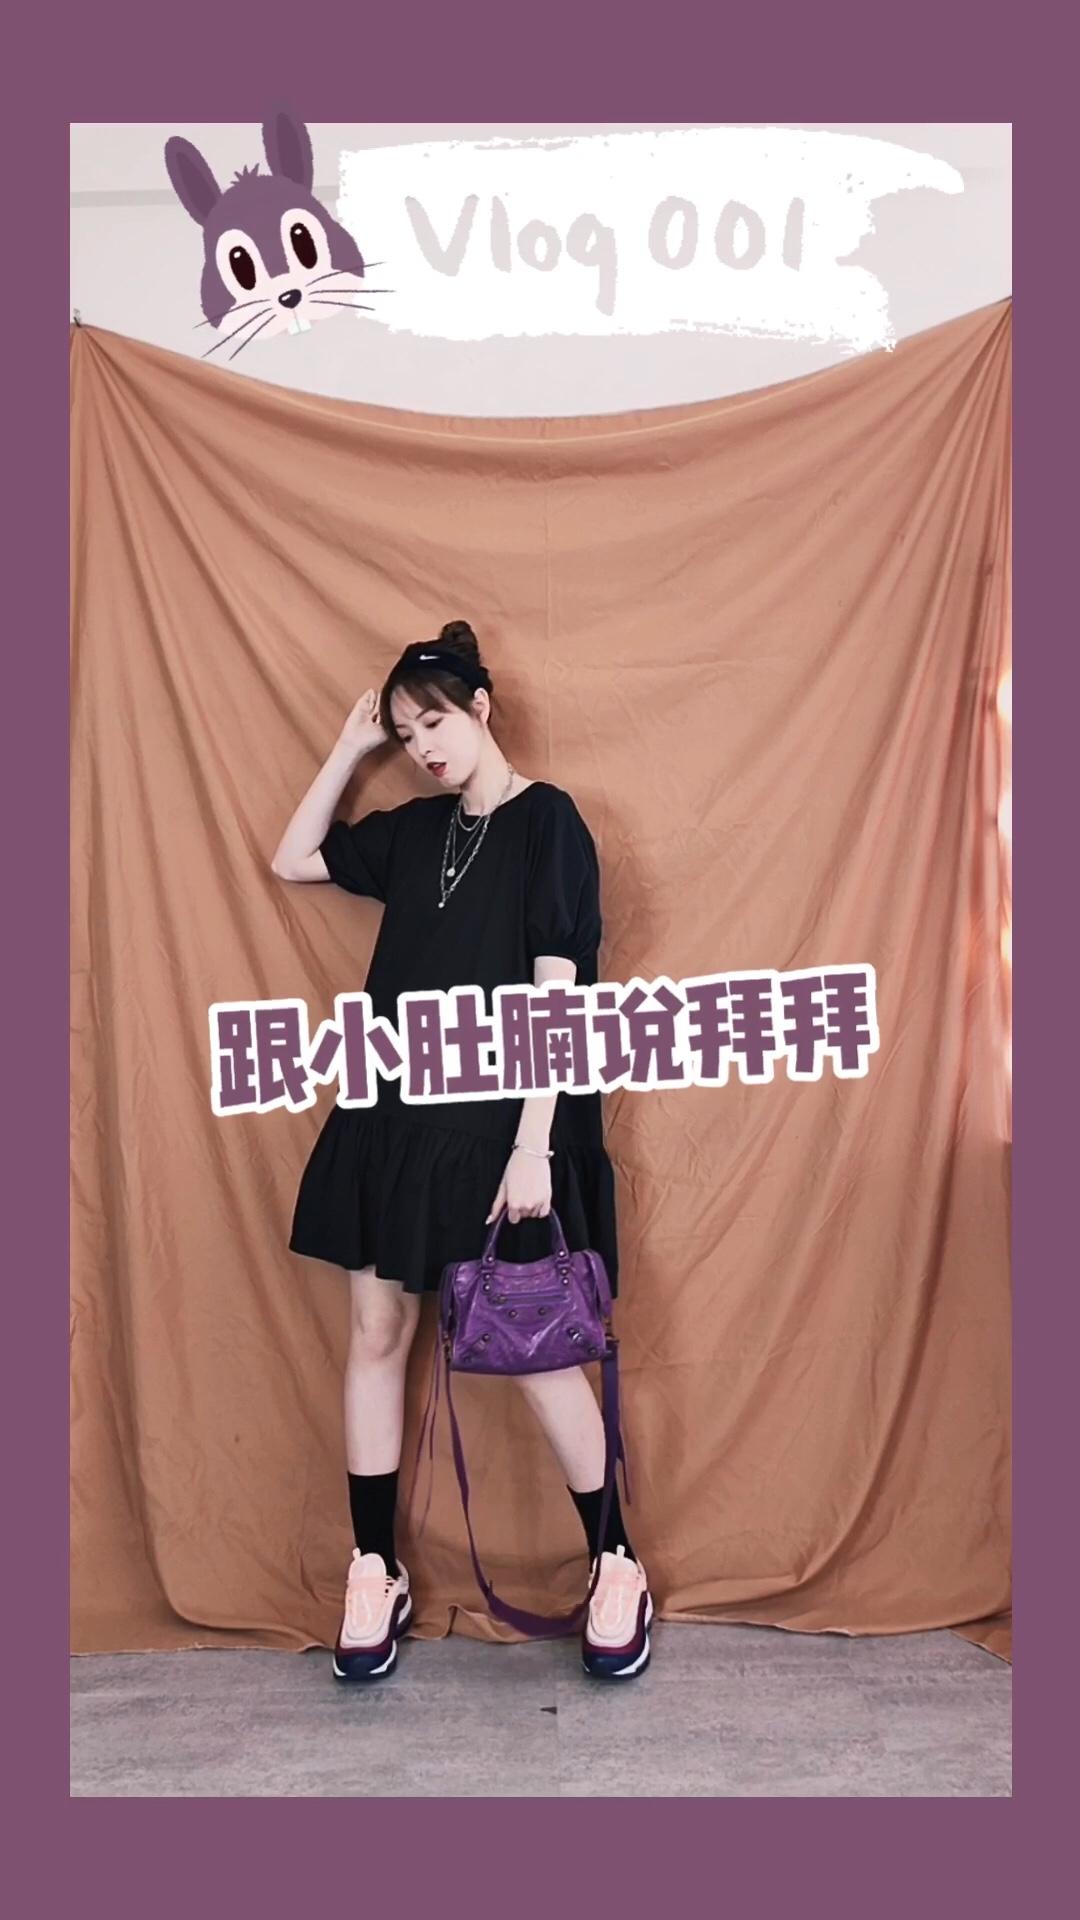 """CC穿搭 #""""一件出门""""也能美得很~# 一条出众特别的连衣裙也能满满的回头率,泡泡袖设计隐藏粗手臂,下摆宽松加上荷叶花边的衬托,隐藏游泳圈和肉肉,适合梨形身材的妹子,黑色小腿袜和偏厚底的波鞋结合更显高显瘦,还有在颜色上的搭配选择了紫色包包和鞋子,这些颜色鲜艳的配件令整体造型更丰富"""